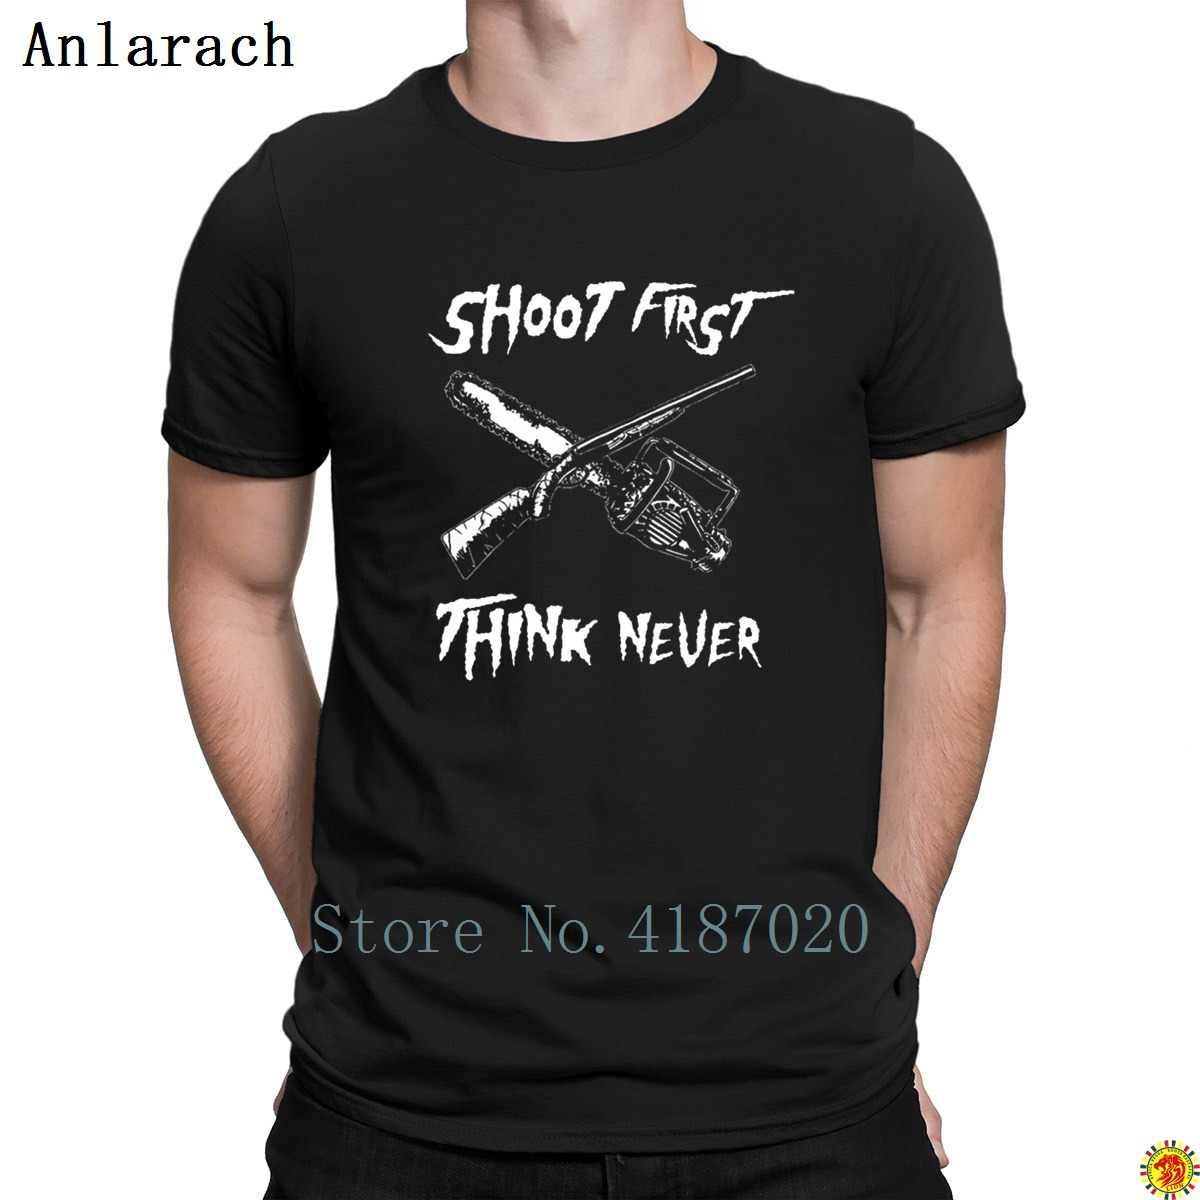 Ash Vs Evil Dead футболки Weird солнечного света тонкий Фитнес Костюмы футболка для Для мужчин Классические дешевые печати